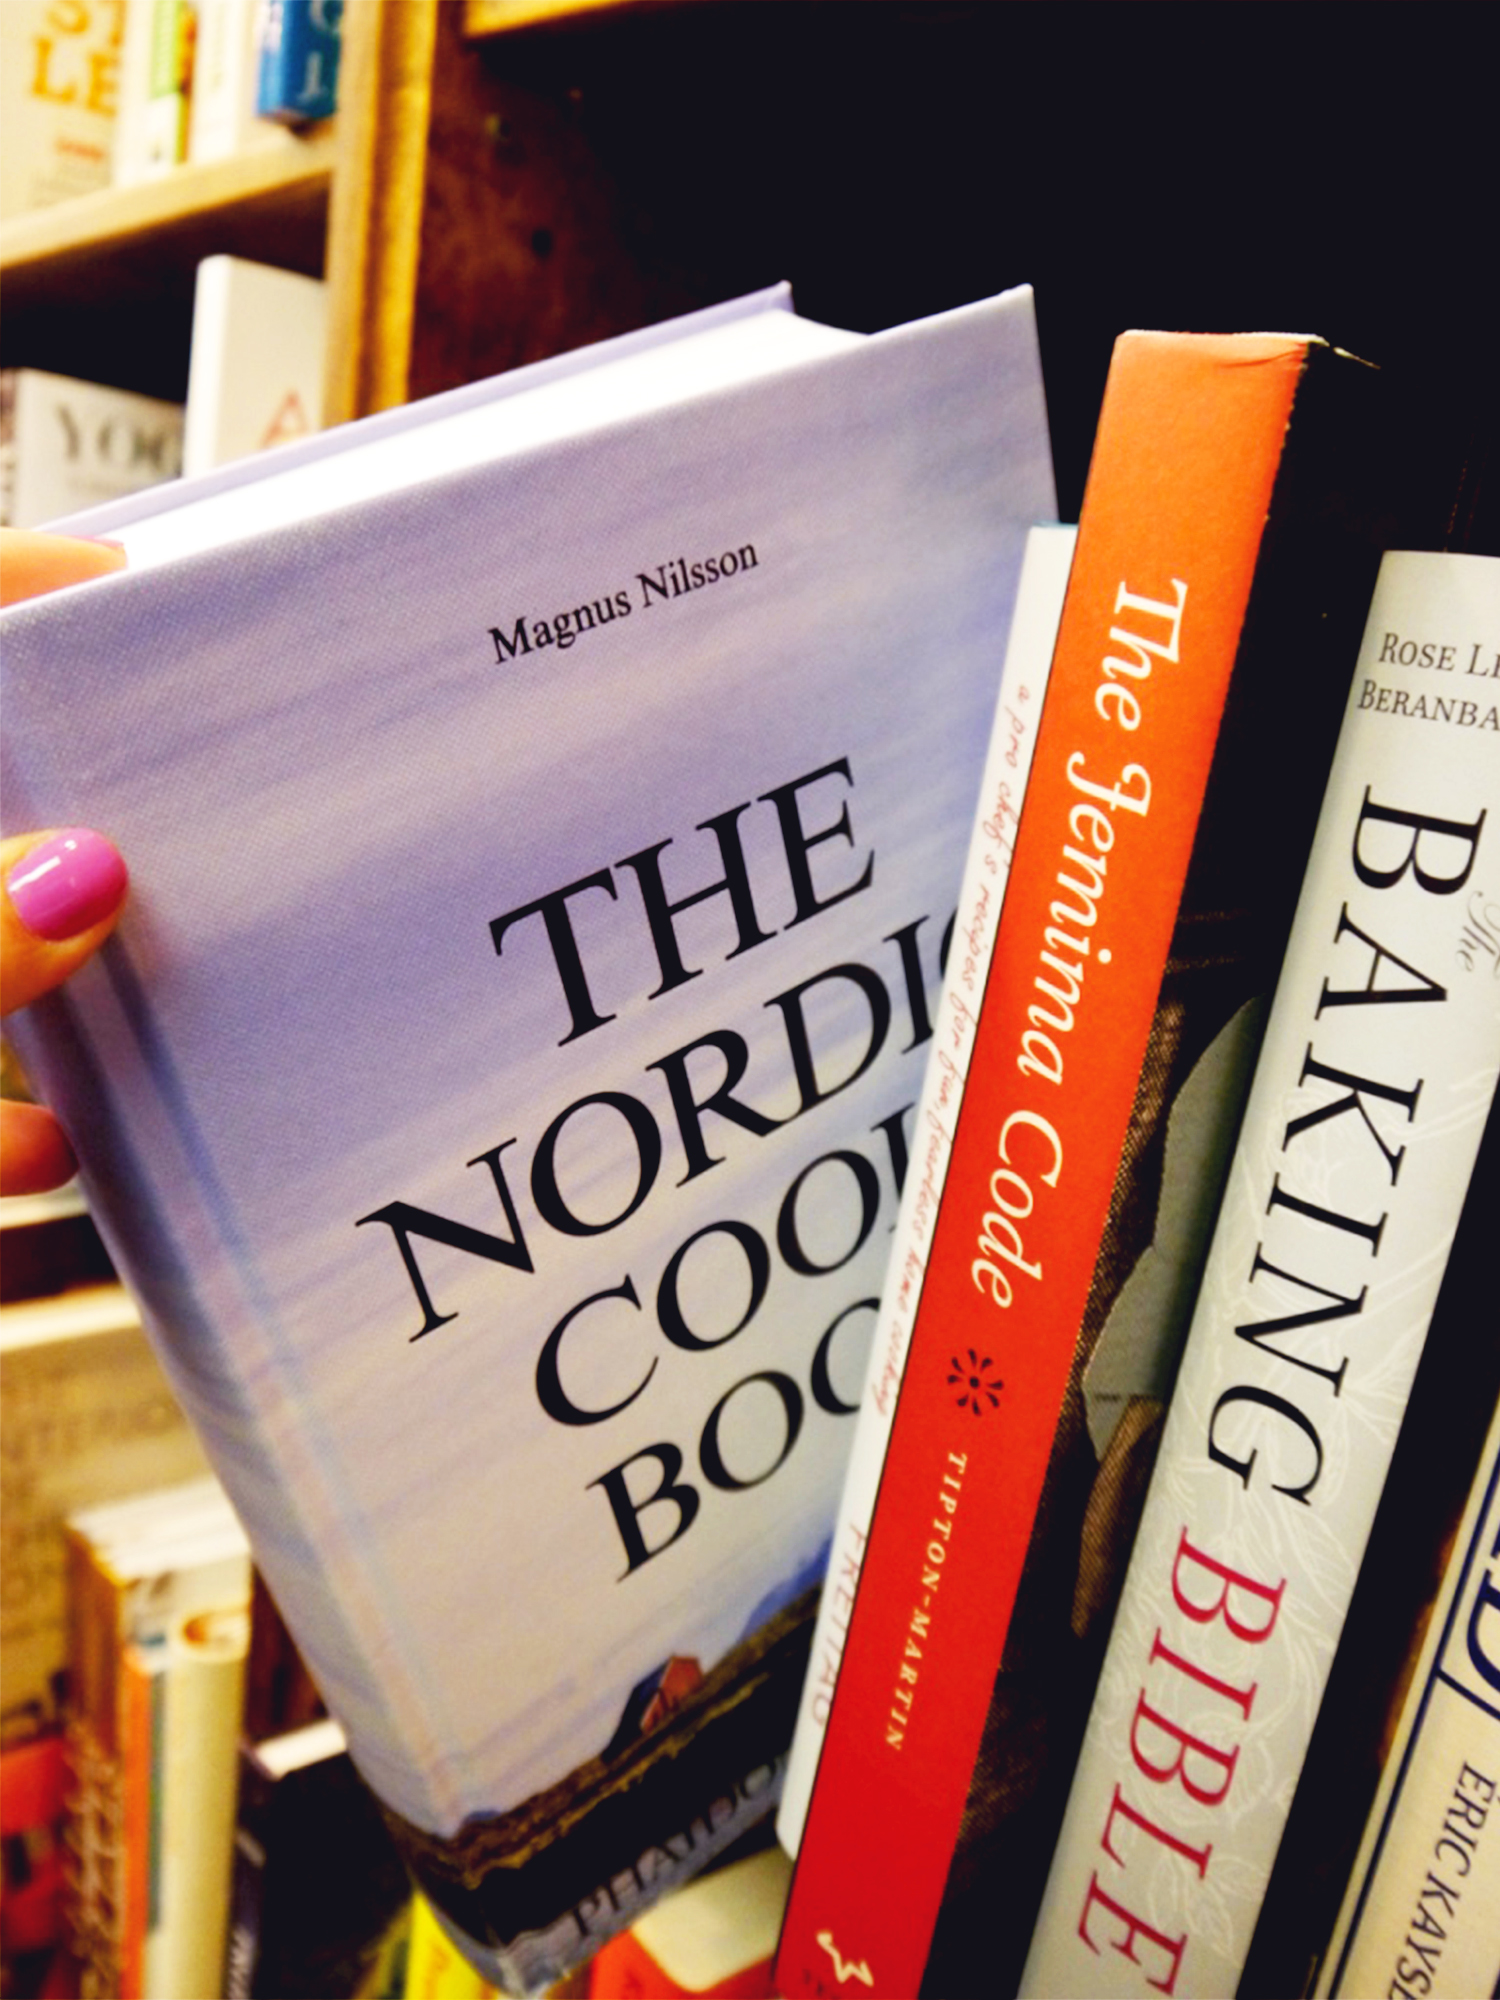 CarmichaelsBookstore_BookCloseUp_Magnus_Nilsson_res72.jpg